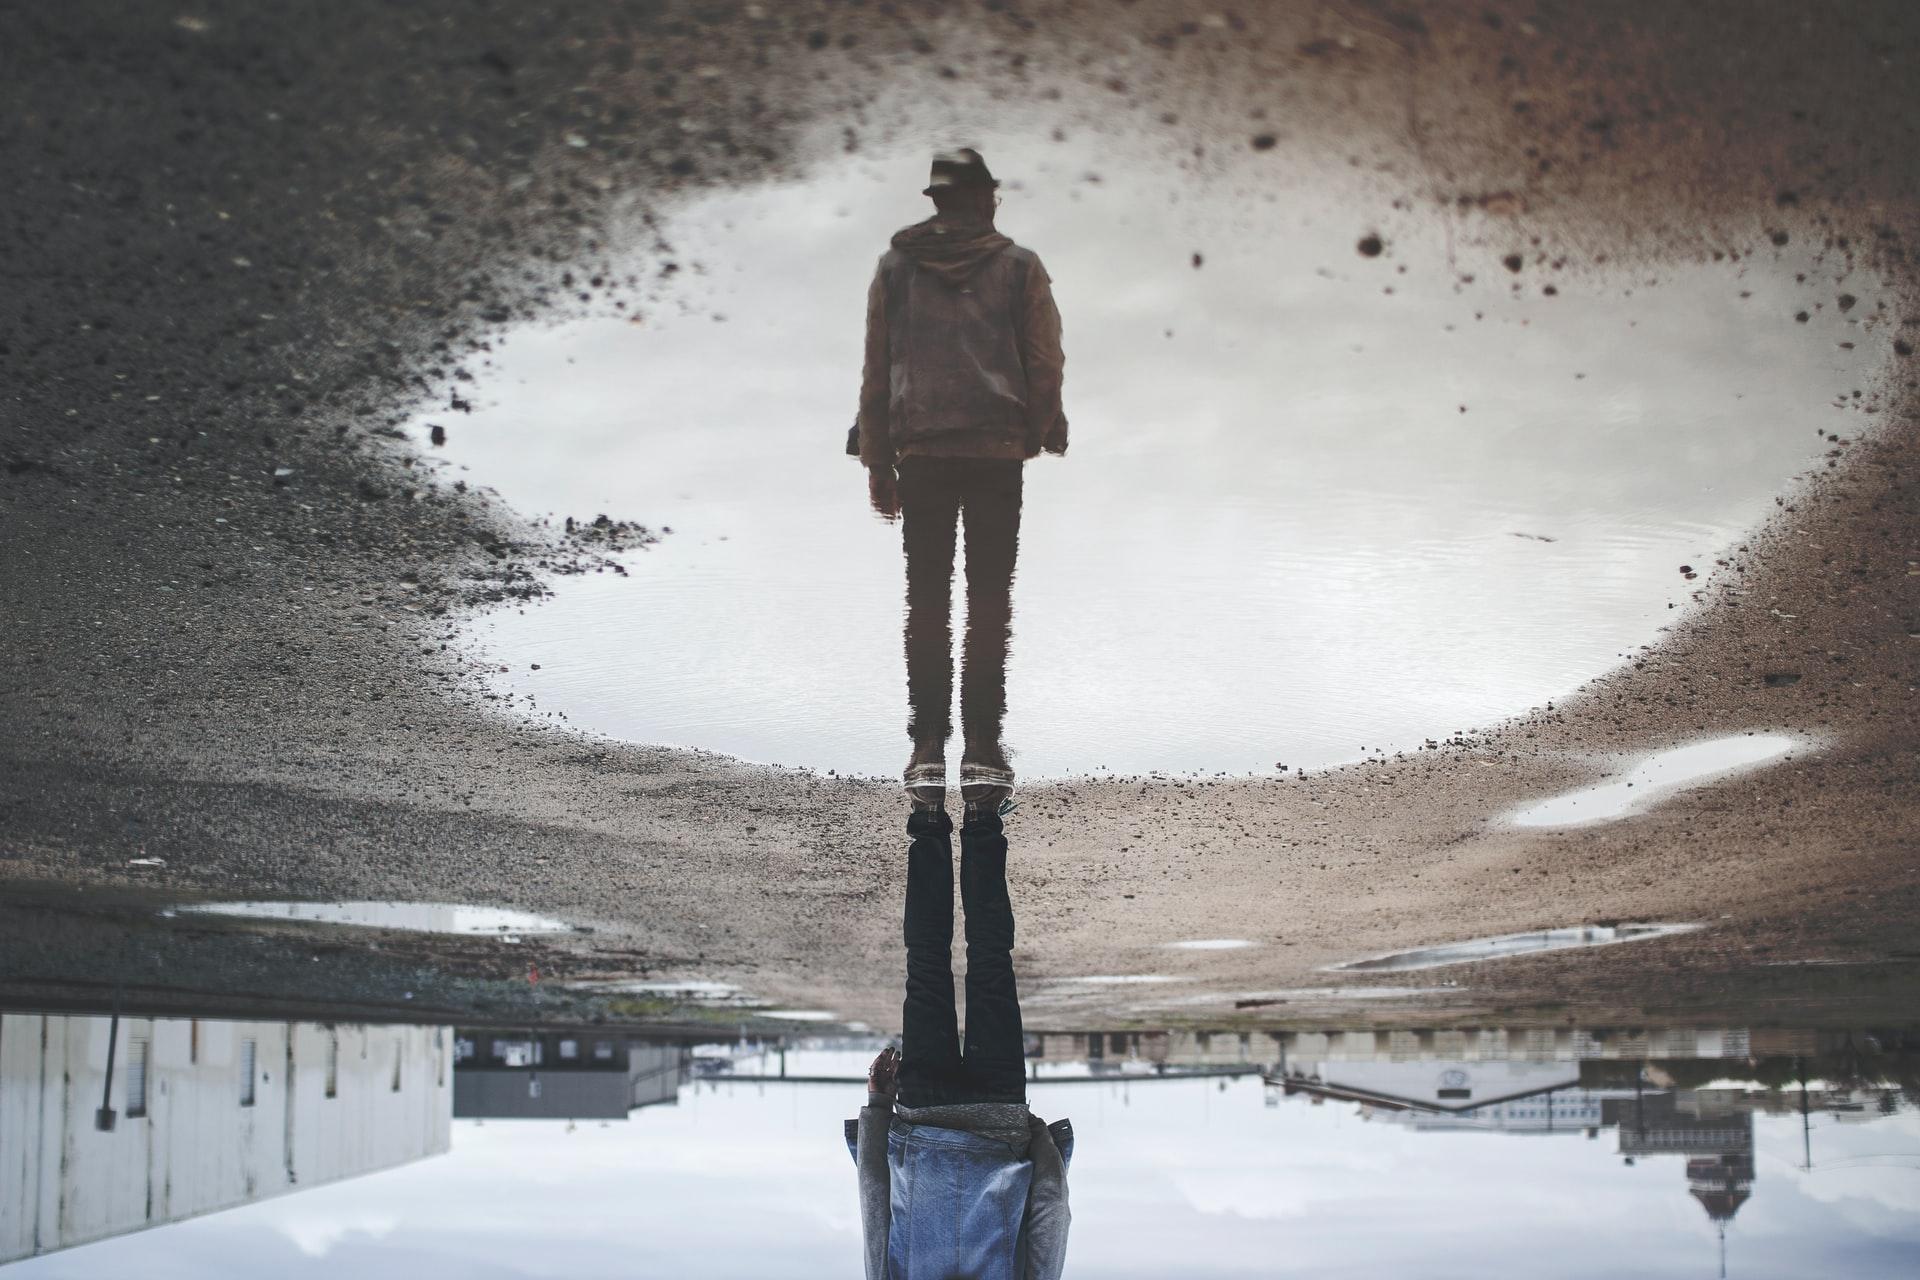 Une illusion d'optique reposant sur le reflet d'un homme